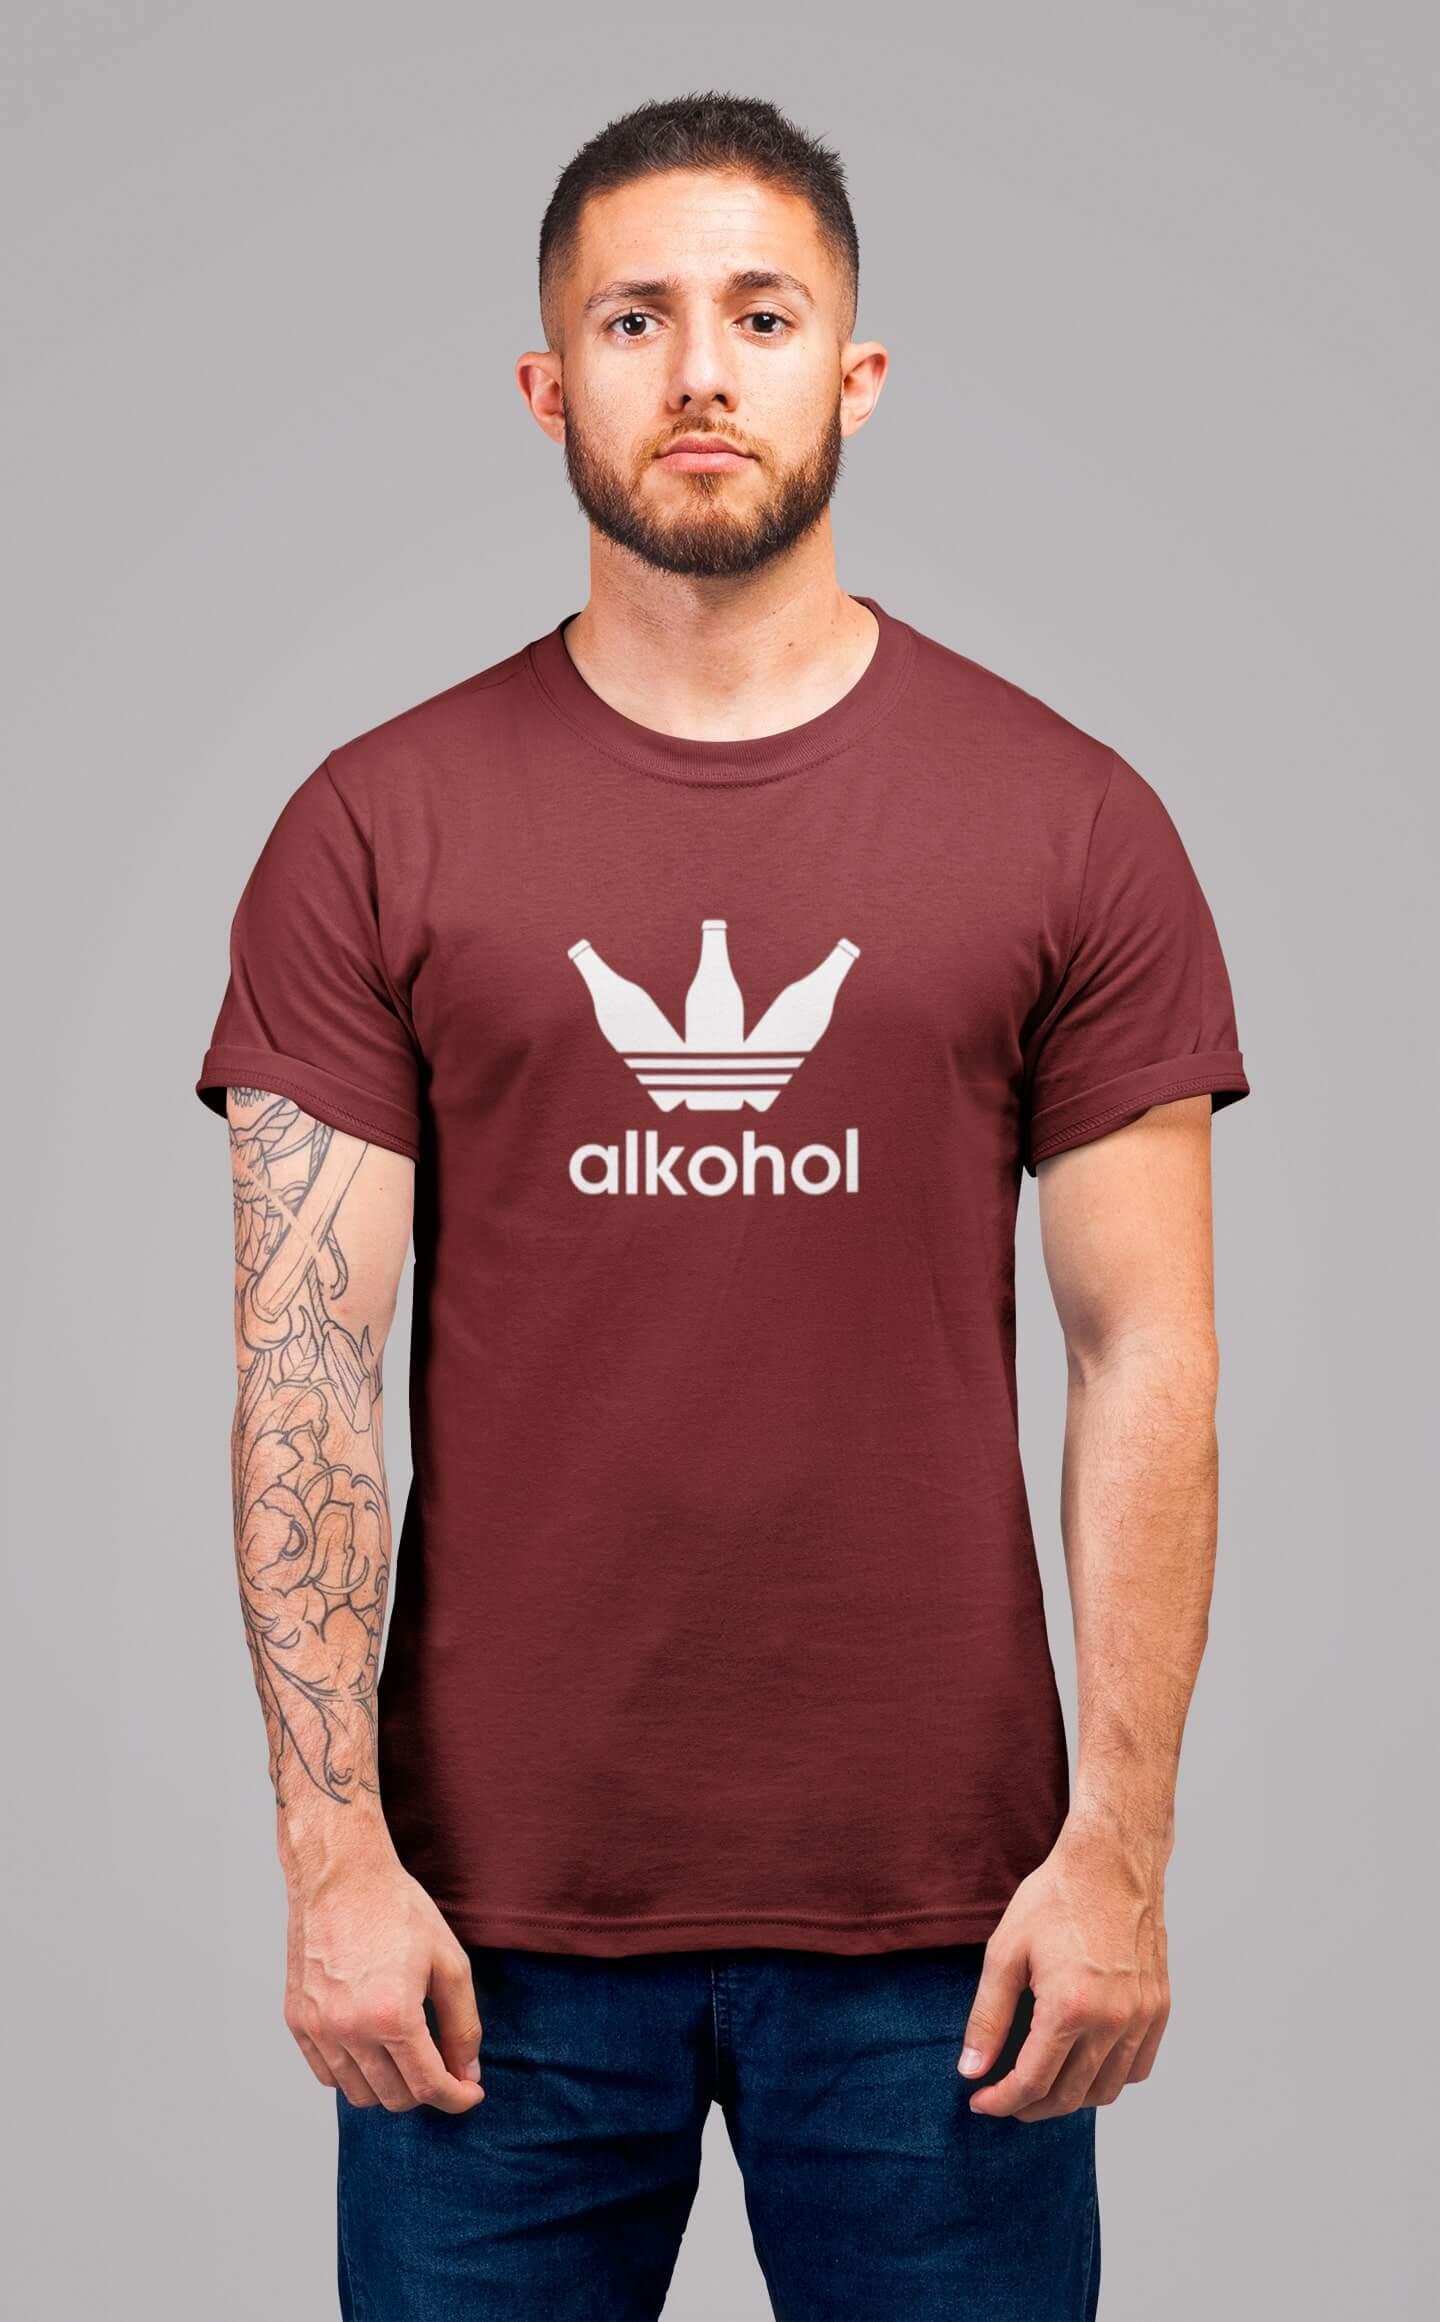 MMO Pánske tričko s flaškami Vyberte farbu: Bordová, Vyberte veľkosť: S